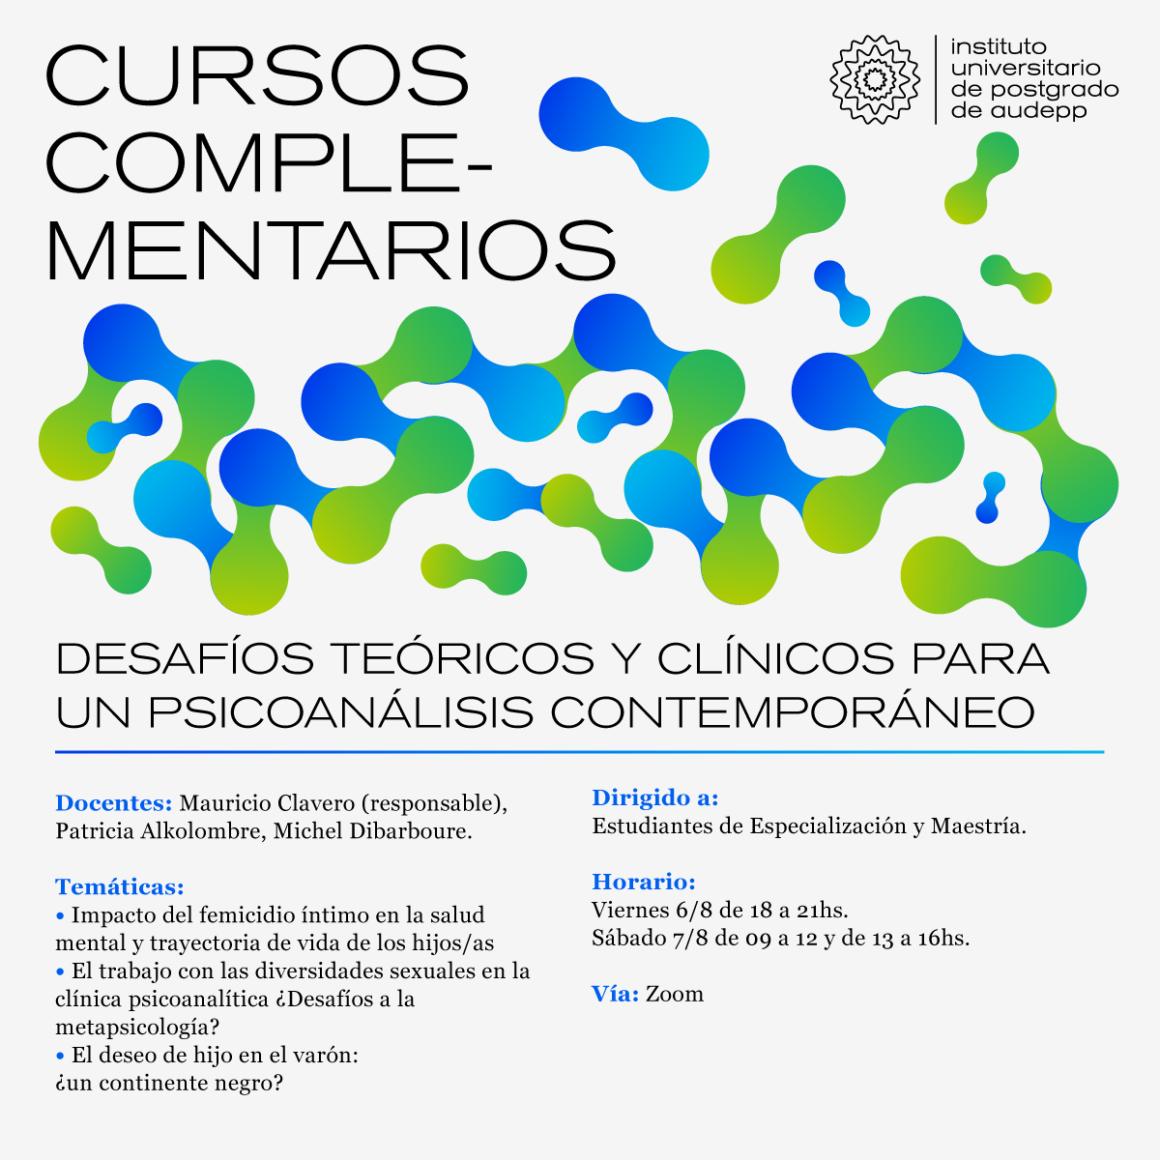 CURSO COMPLEMENTARIO del IUPA: DESARROLLOS TEÓRICOS Y CLÍNICOS PARA UN PSICOANÁLISIS CONTEMPORÁNEO (Viernes 6 y Sábado 7 de agosto Vía Zoom)